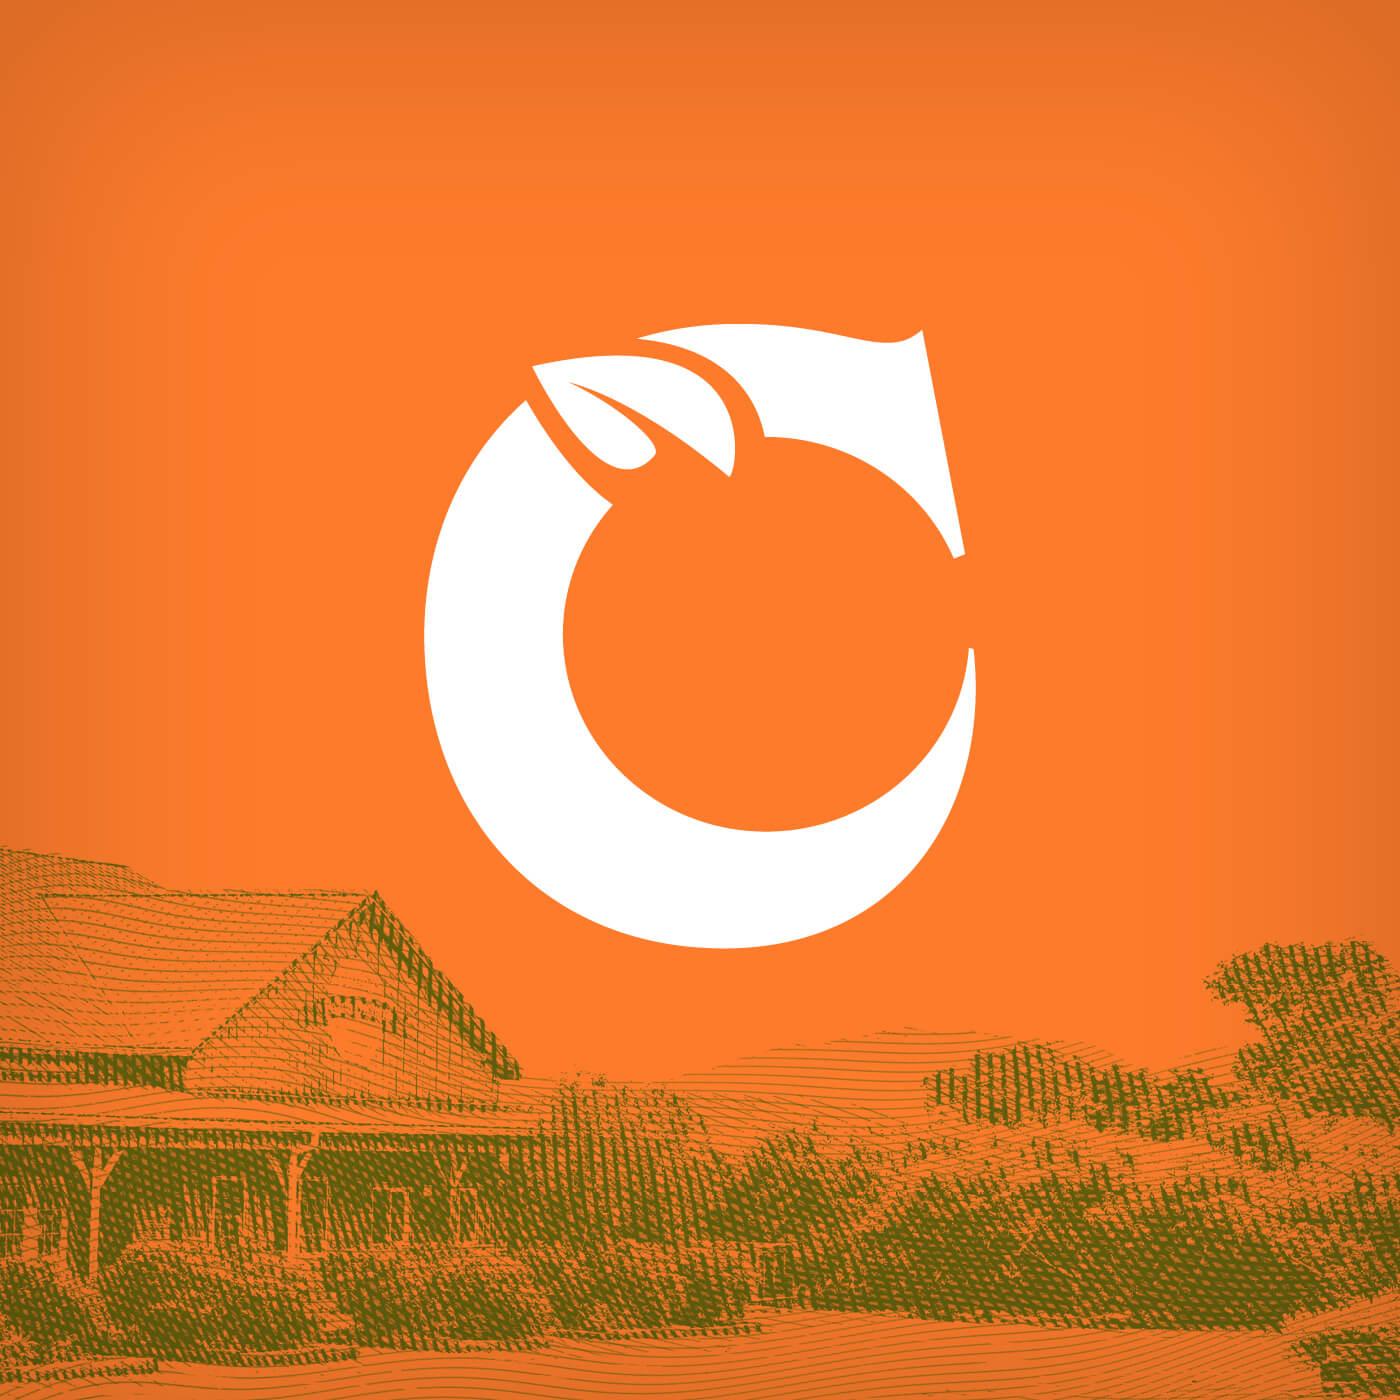 Chiles Peach Orchard new logo in orange icon